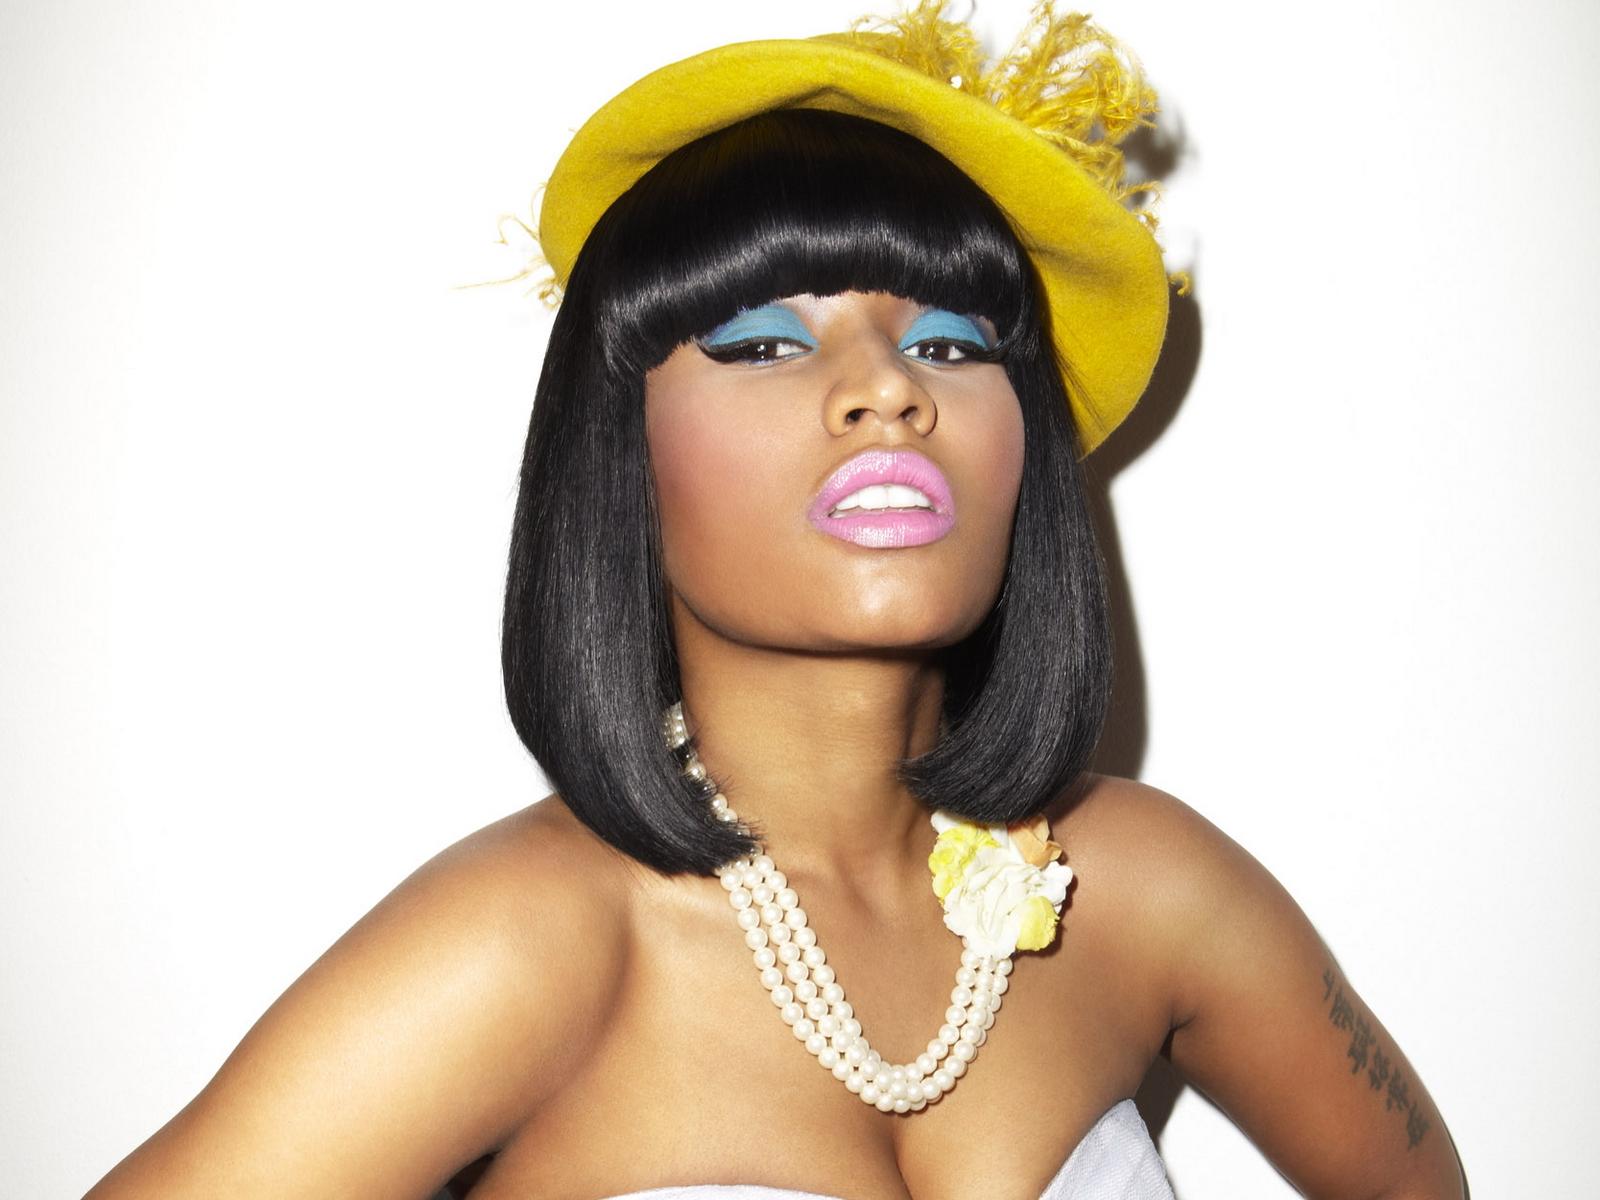 http://4.bp.blogspot.com/-Smr7BpBWVO4/UITYNgMUZ_I/AAAAAAAAJdw/uRKBac3StZo/s1600/Nicki-Minaj-wallpaper21.jpg